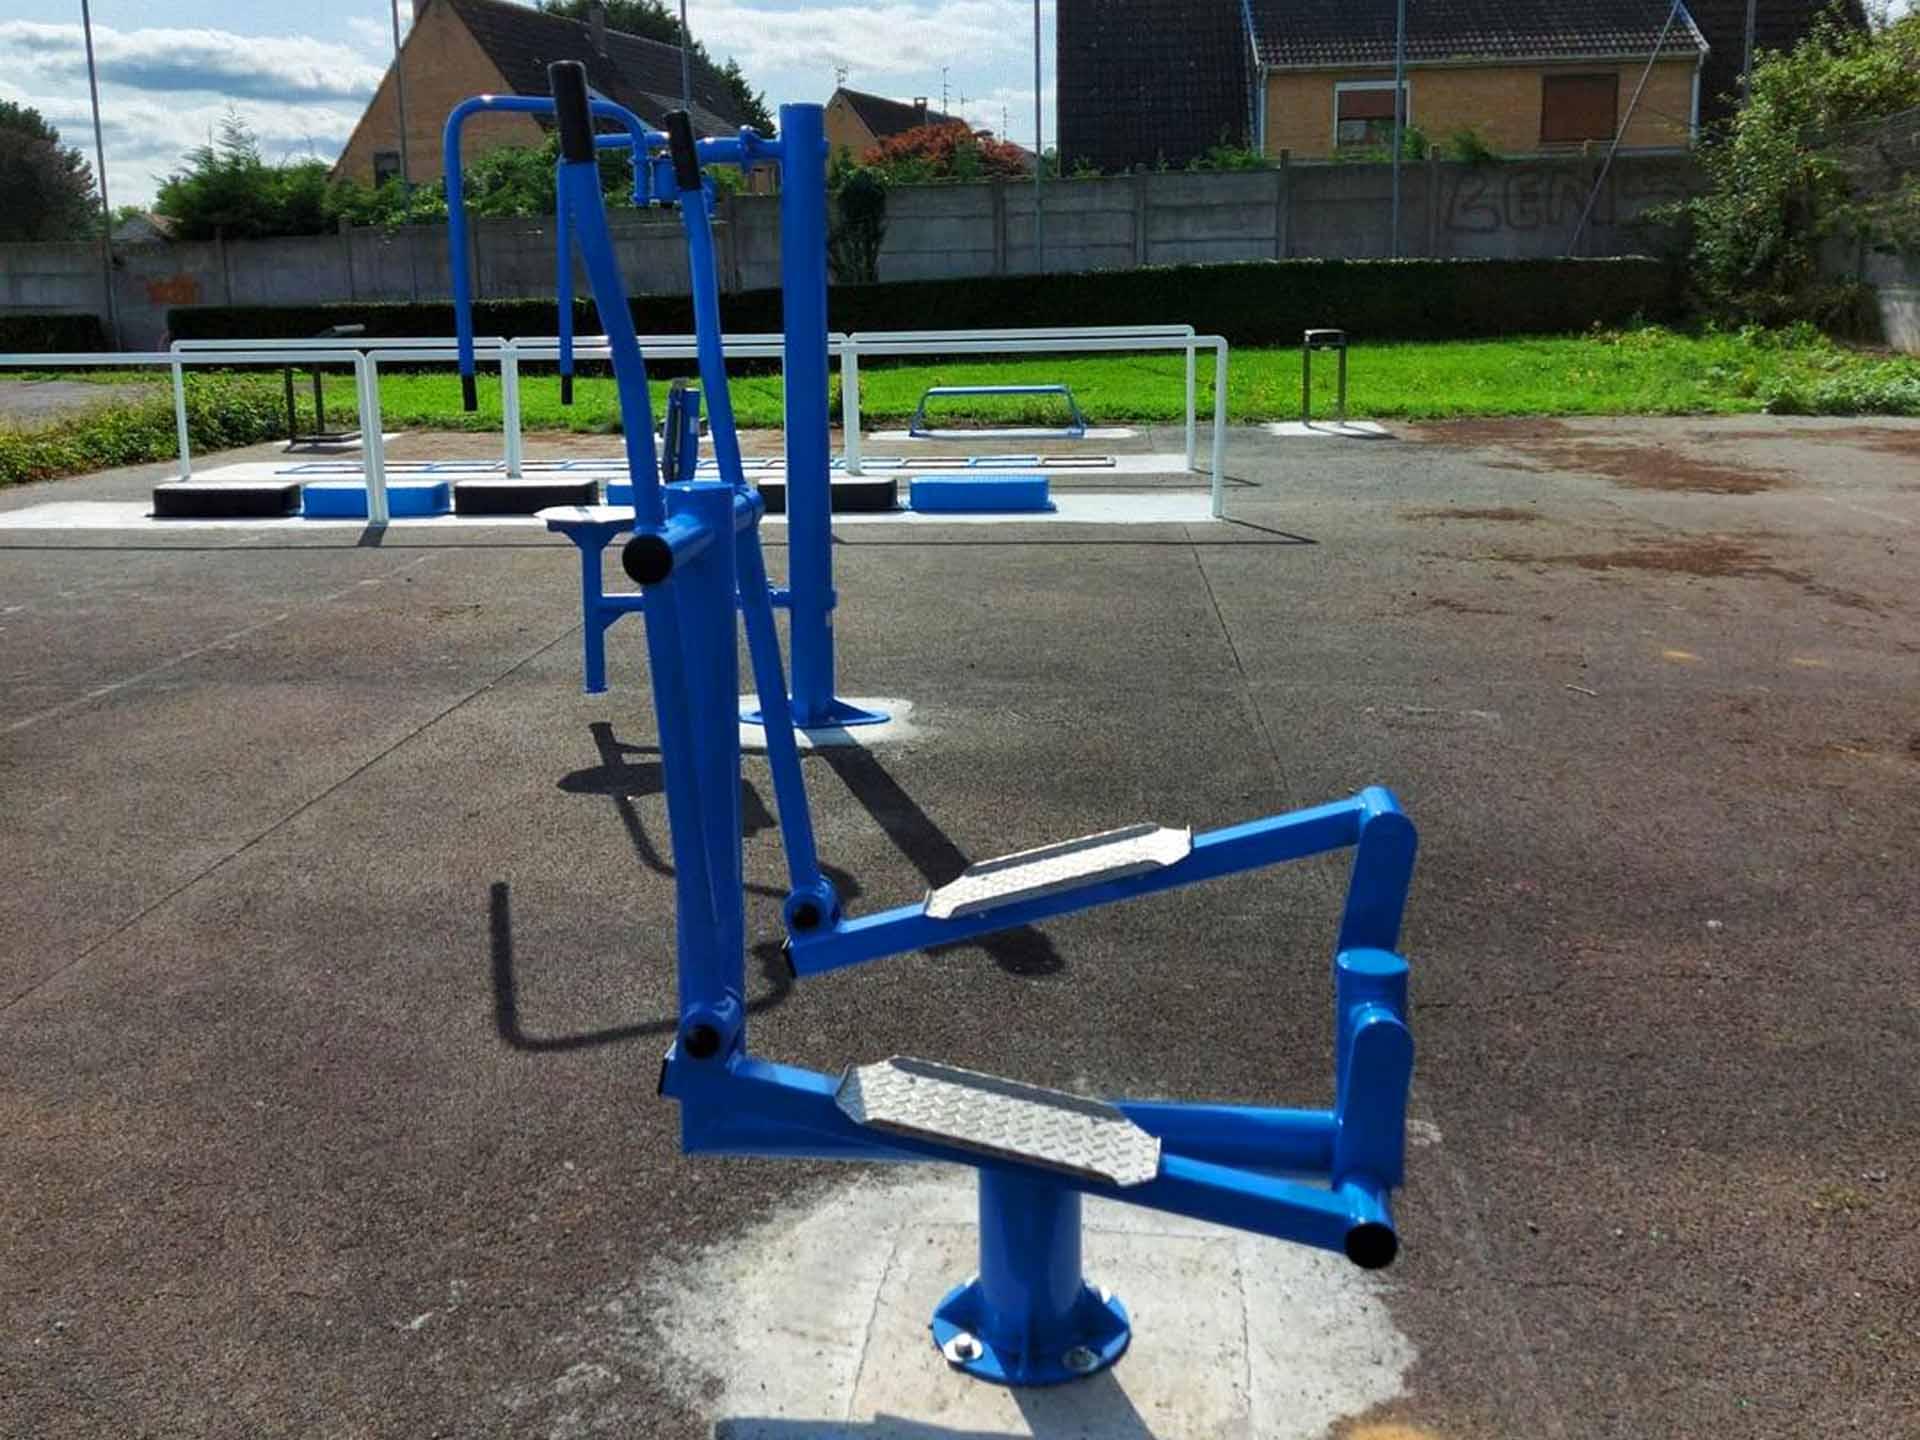 Photo des appareils de musculation en plein air bleus de Sallaumines